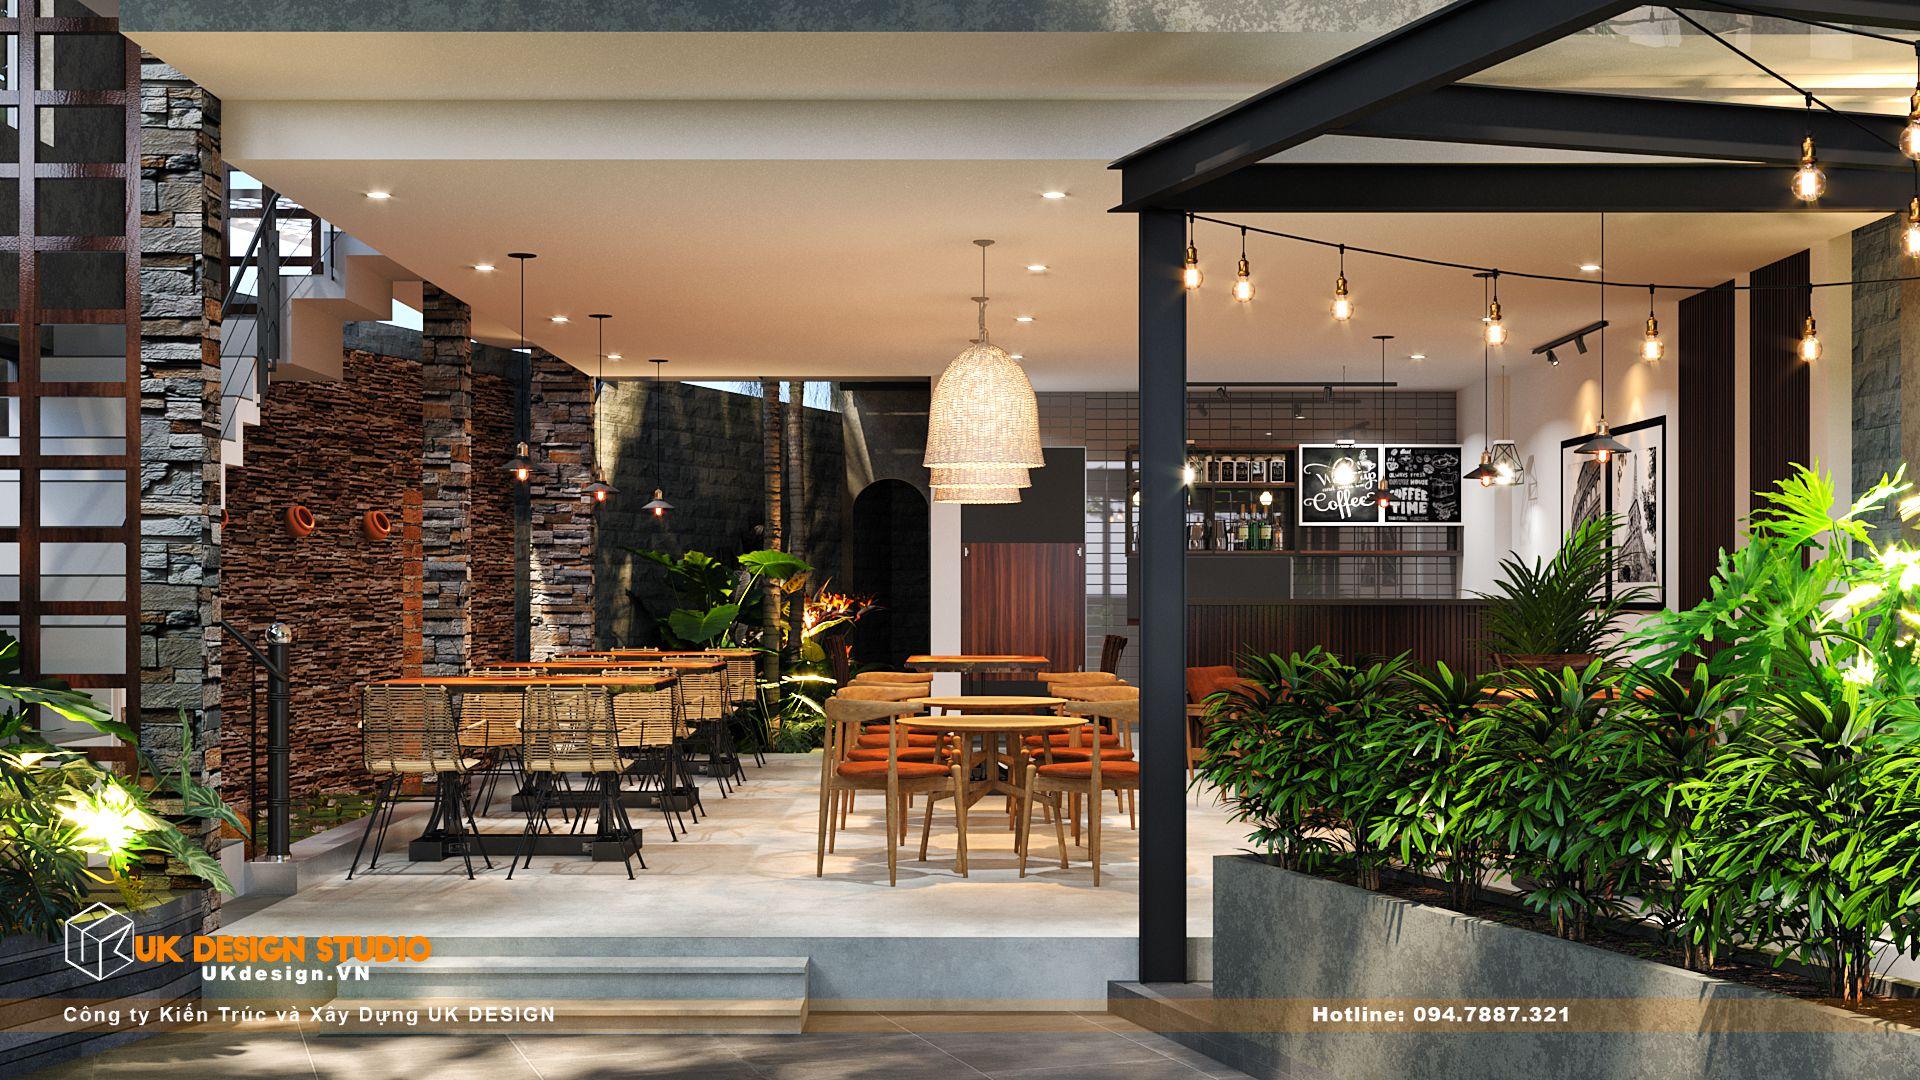 Thiết kế quán Cafe sân vườn, MỘC coffee 3